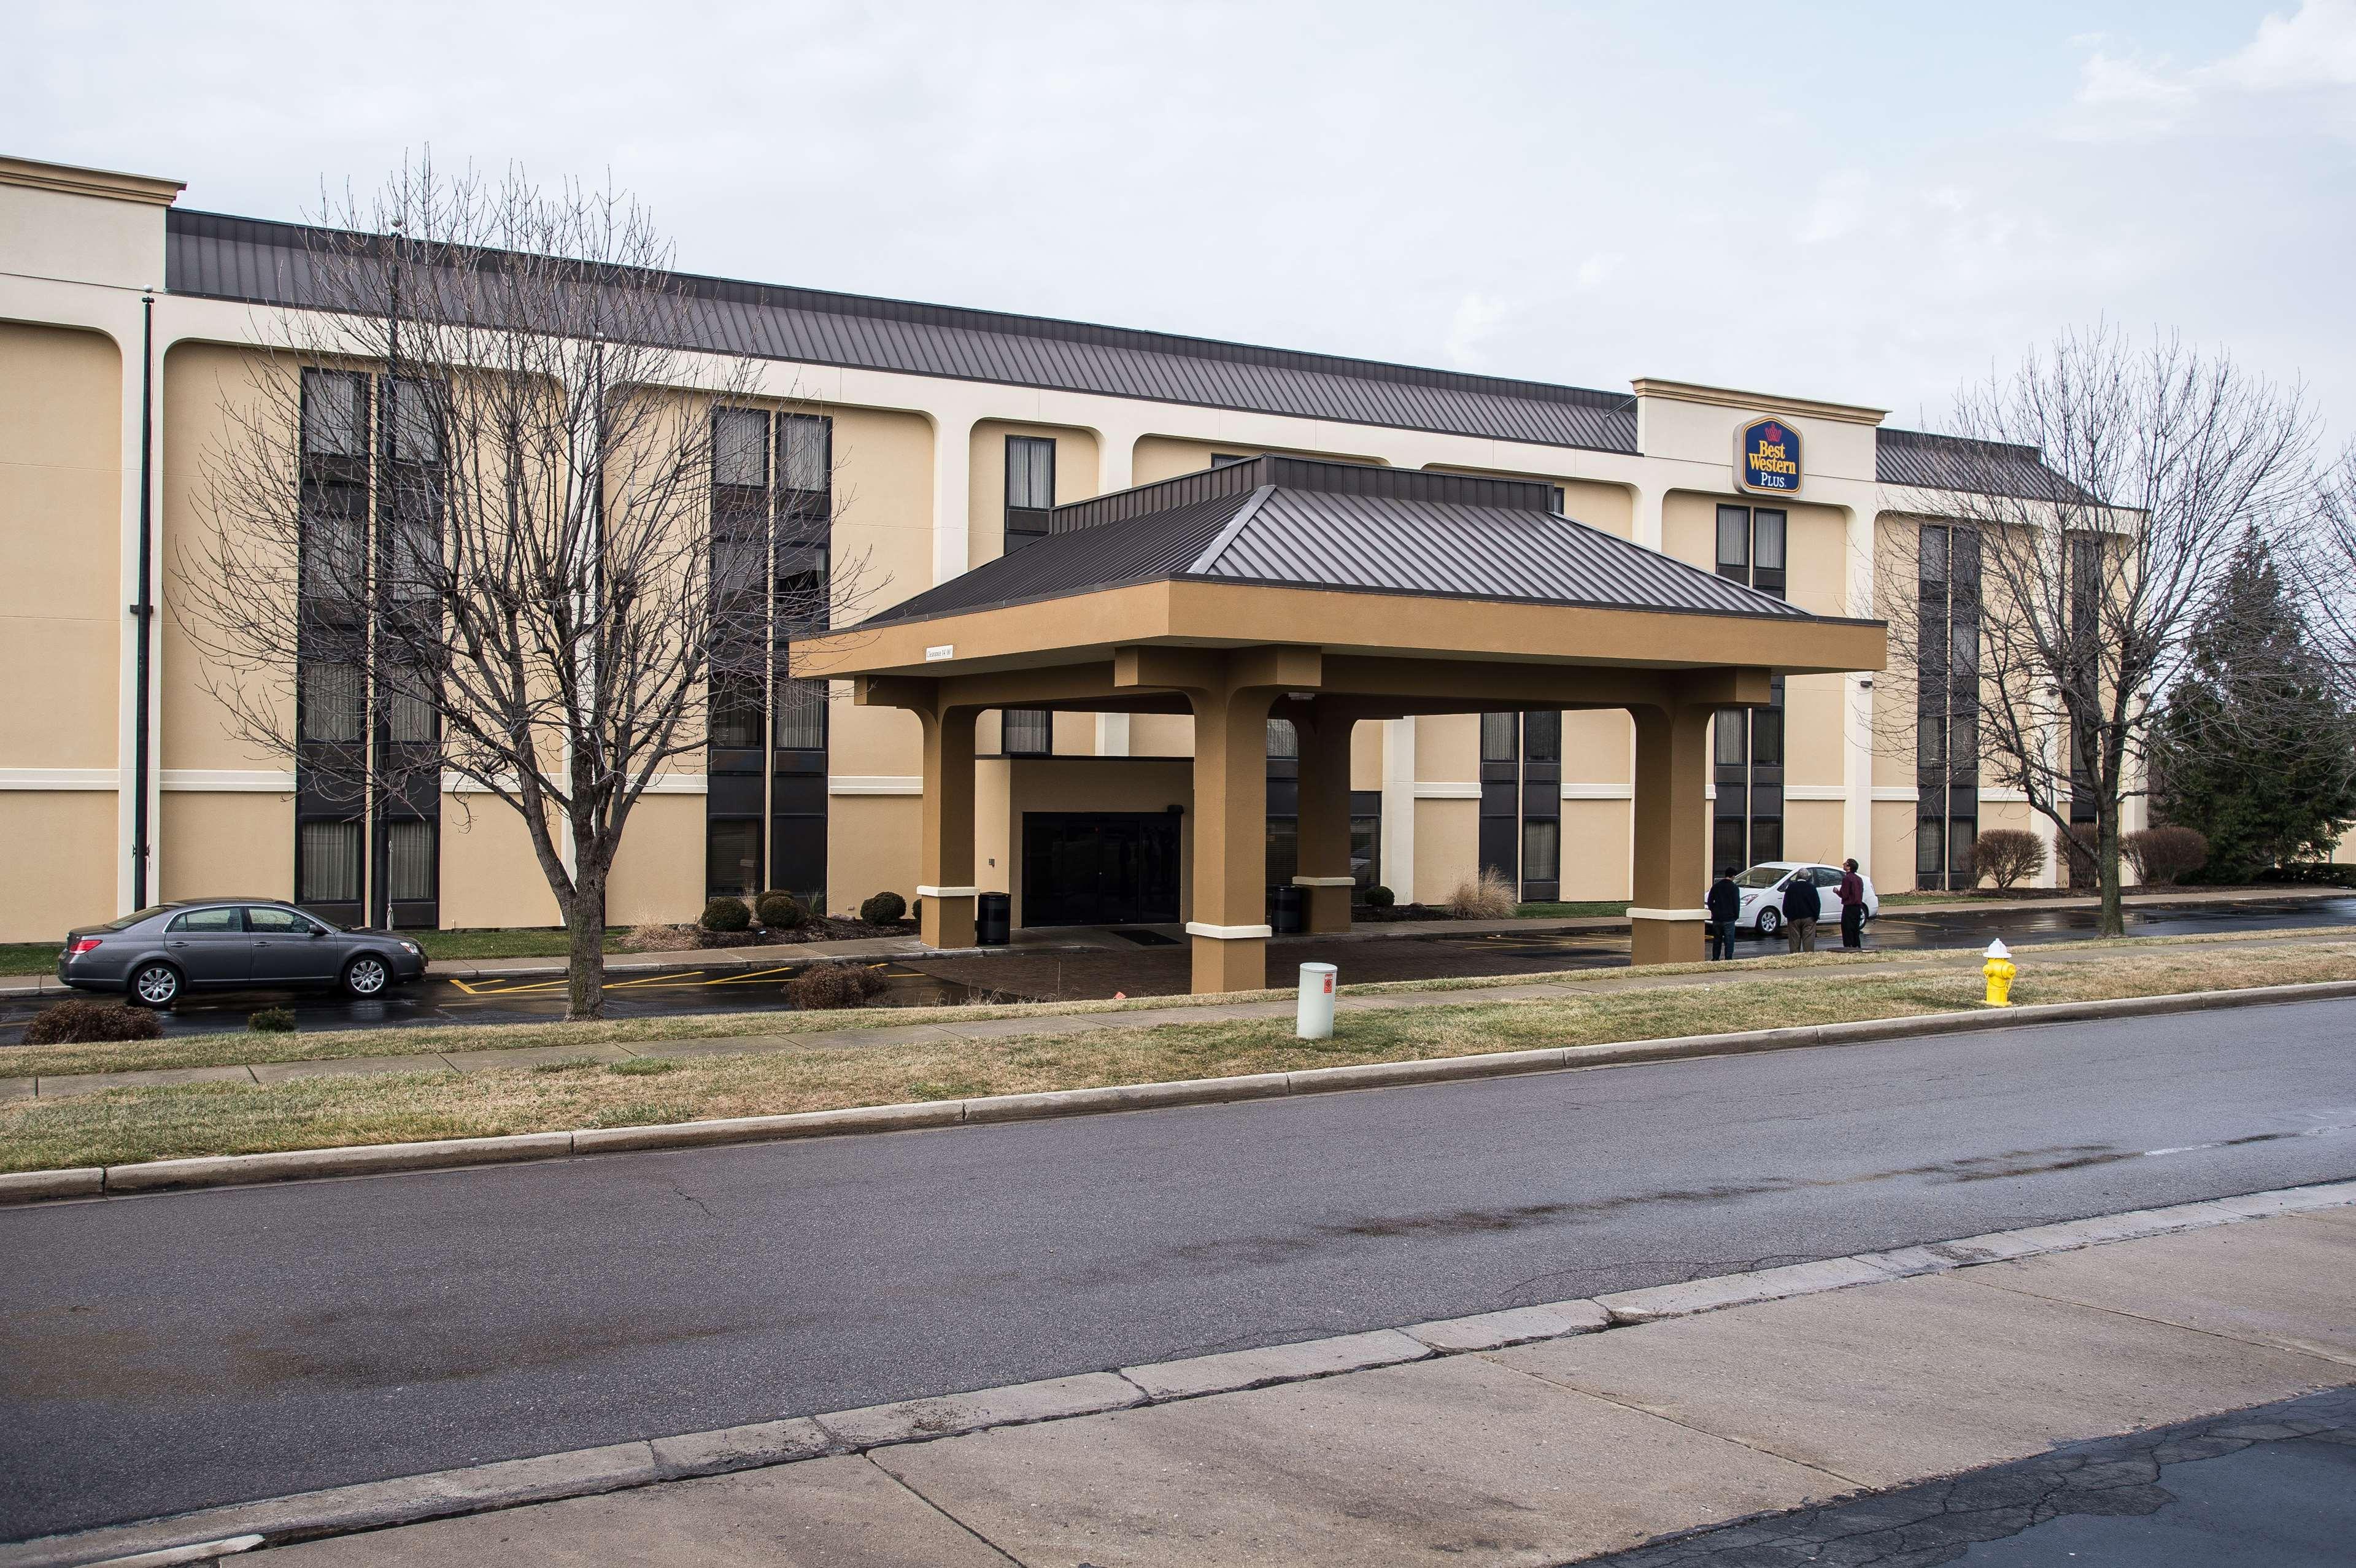 Hotels South Dayton Ohio